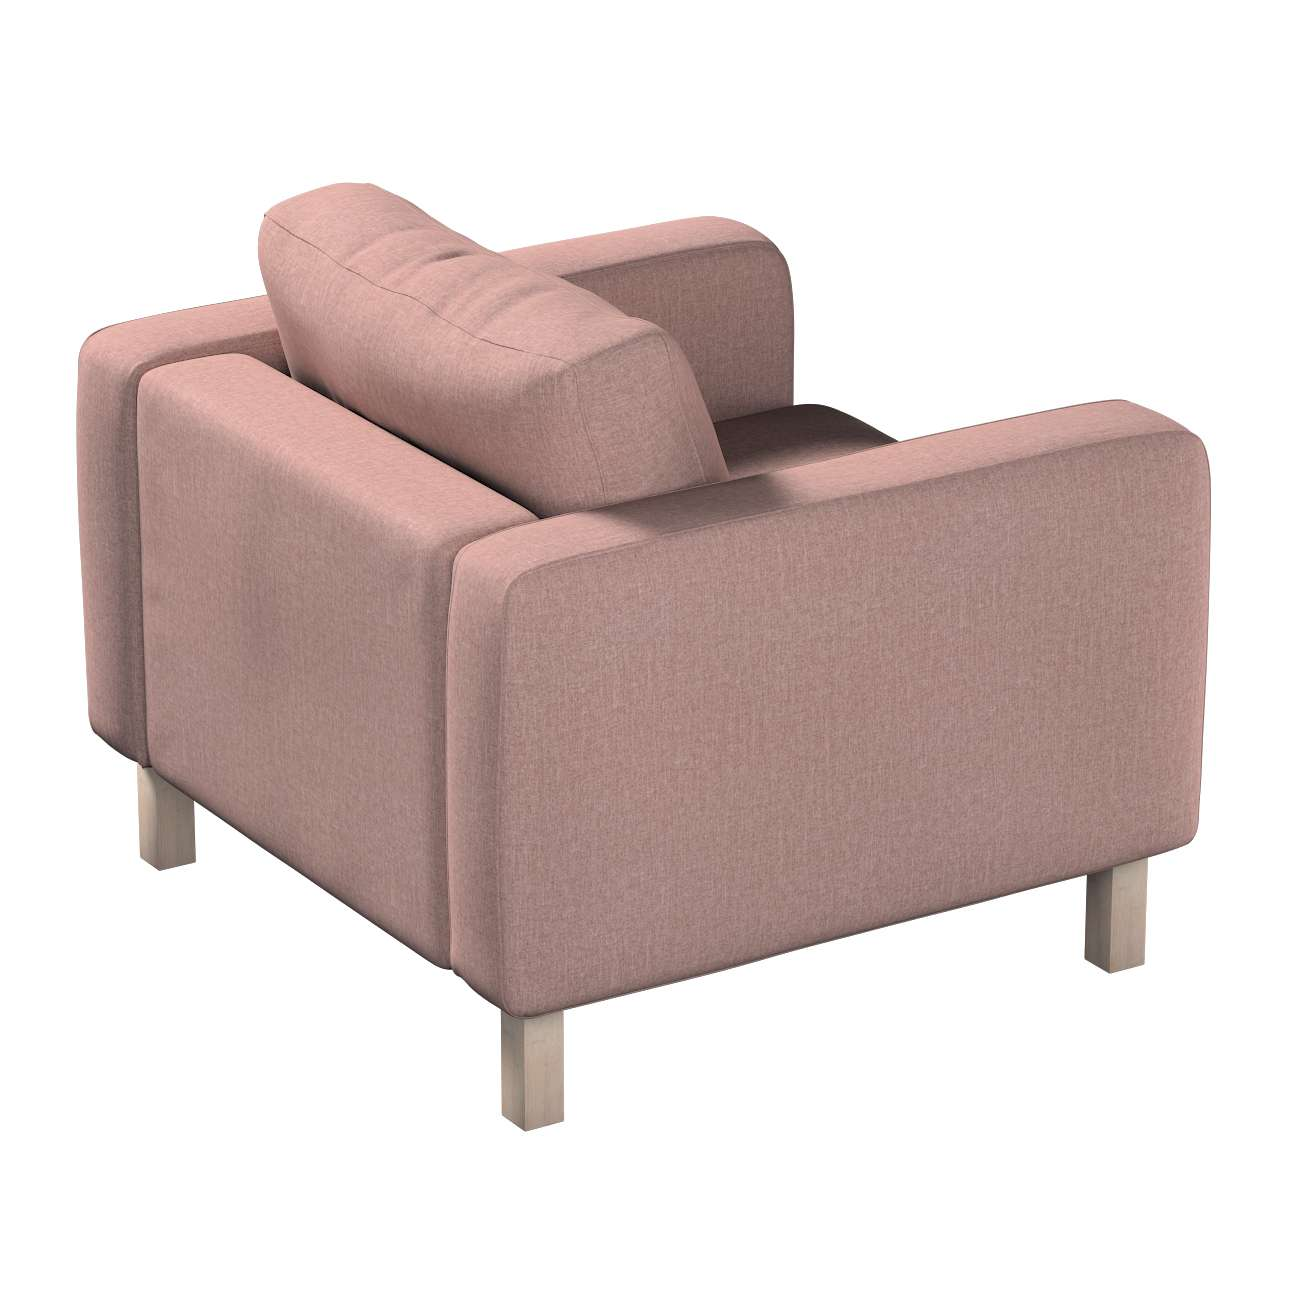 Pokrowiec na fotel Karlstad, krótki w kolekcji City, tkanina: 704-83